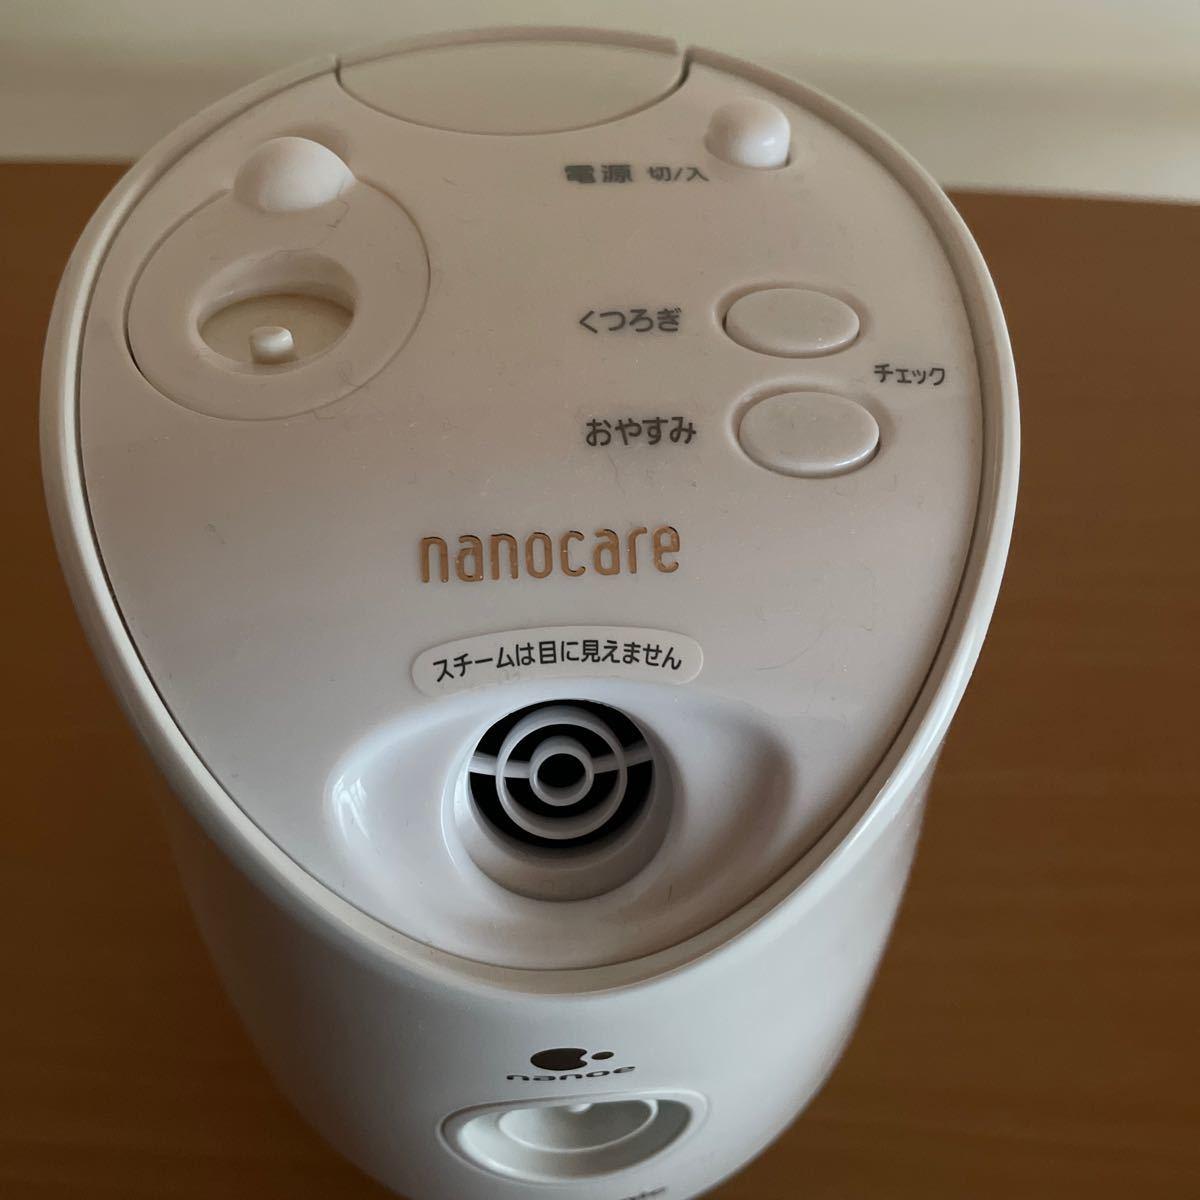 Panasonic パナソニック パナソニックスチーマーナノケア スチーマーナノケア ナノケア ナイトスチーマー EH-SA45